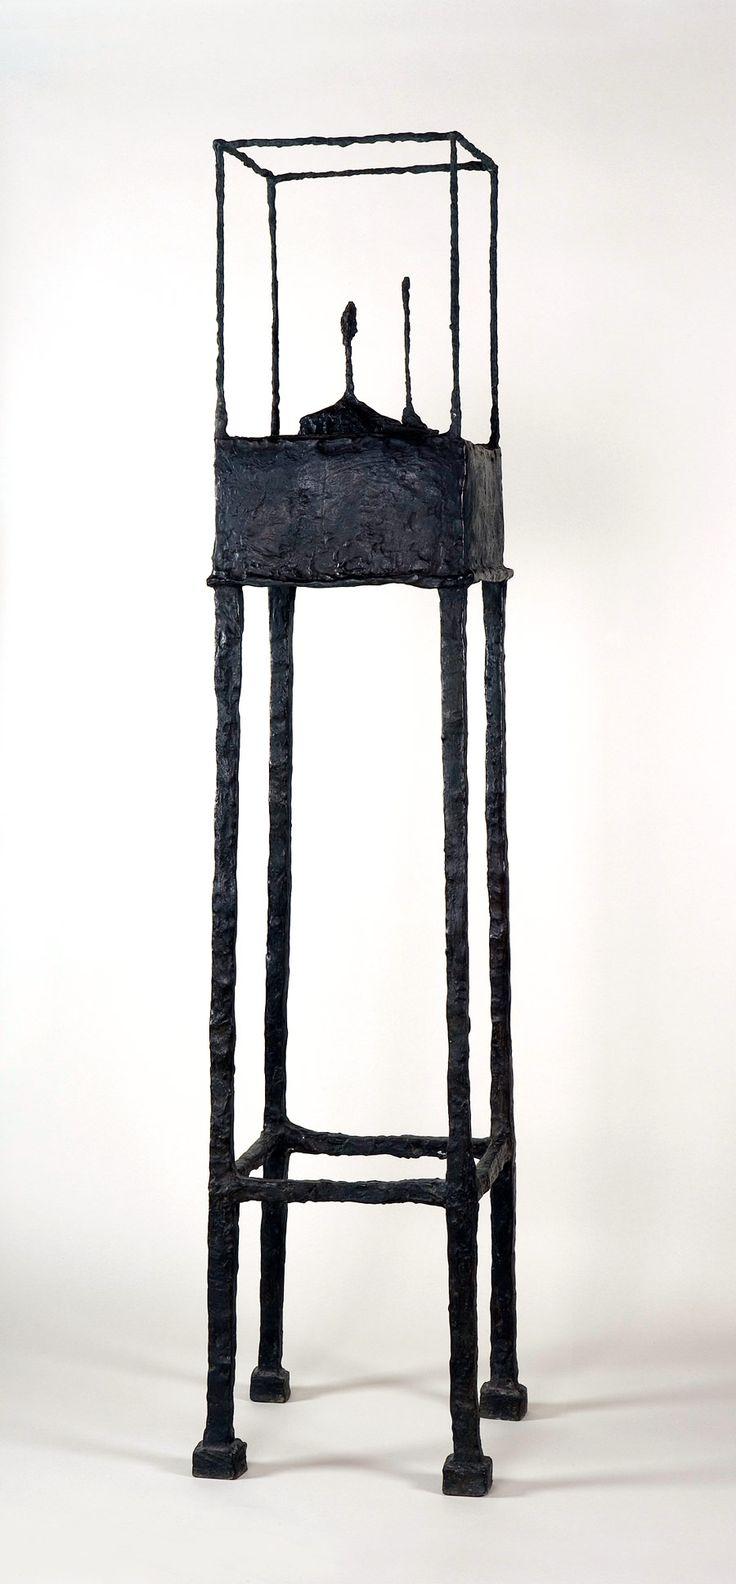 Alberto Giacometti. La Cage/The Cage. 1950